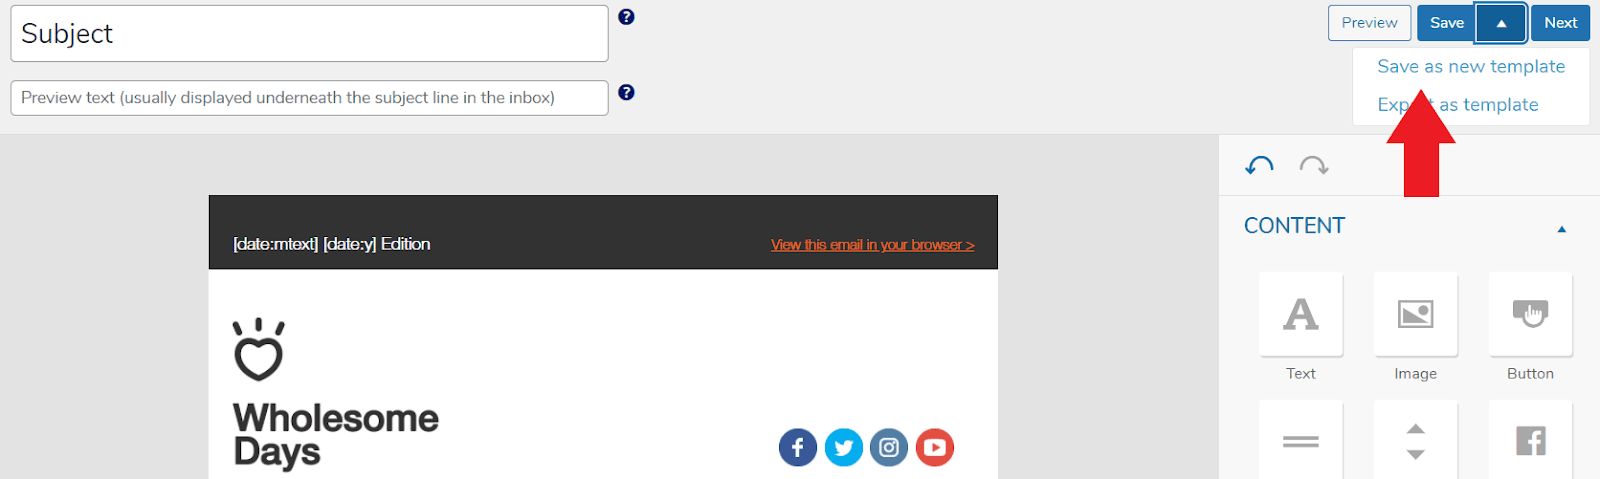 Cómo guardar una plantilla de correo electrónico en MailPoet